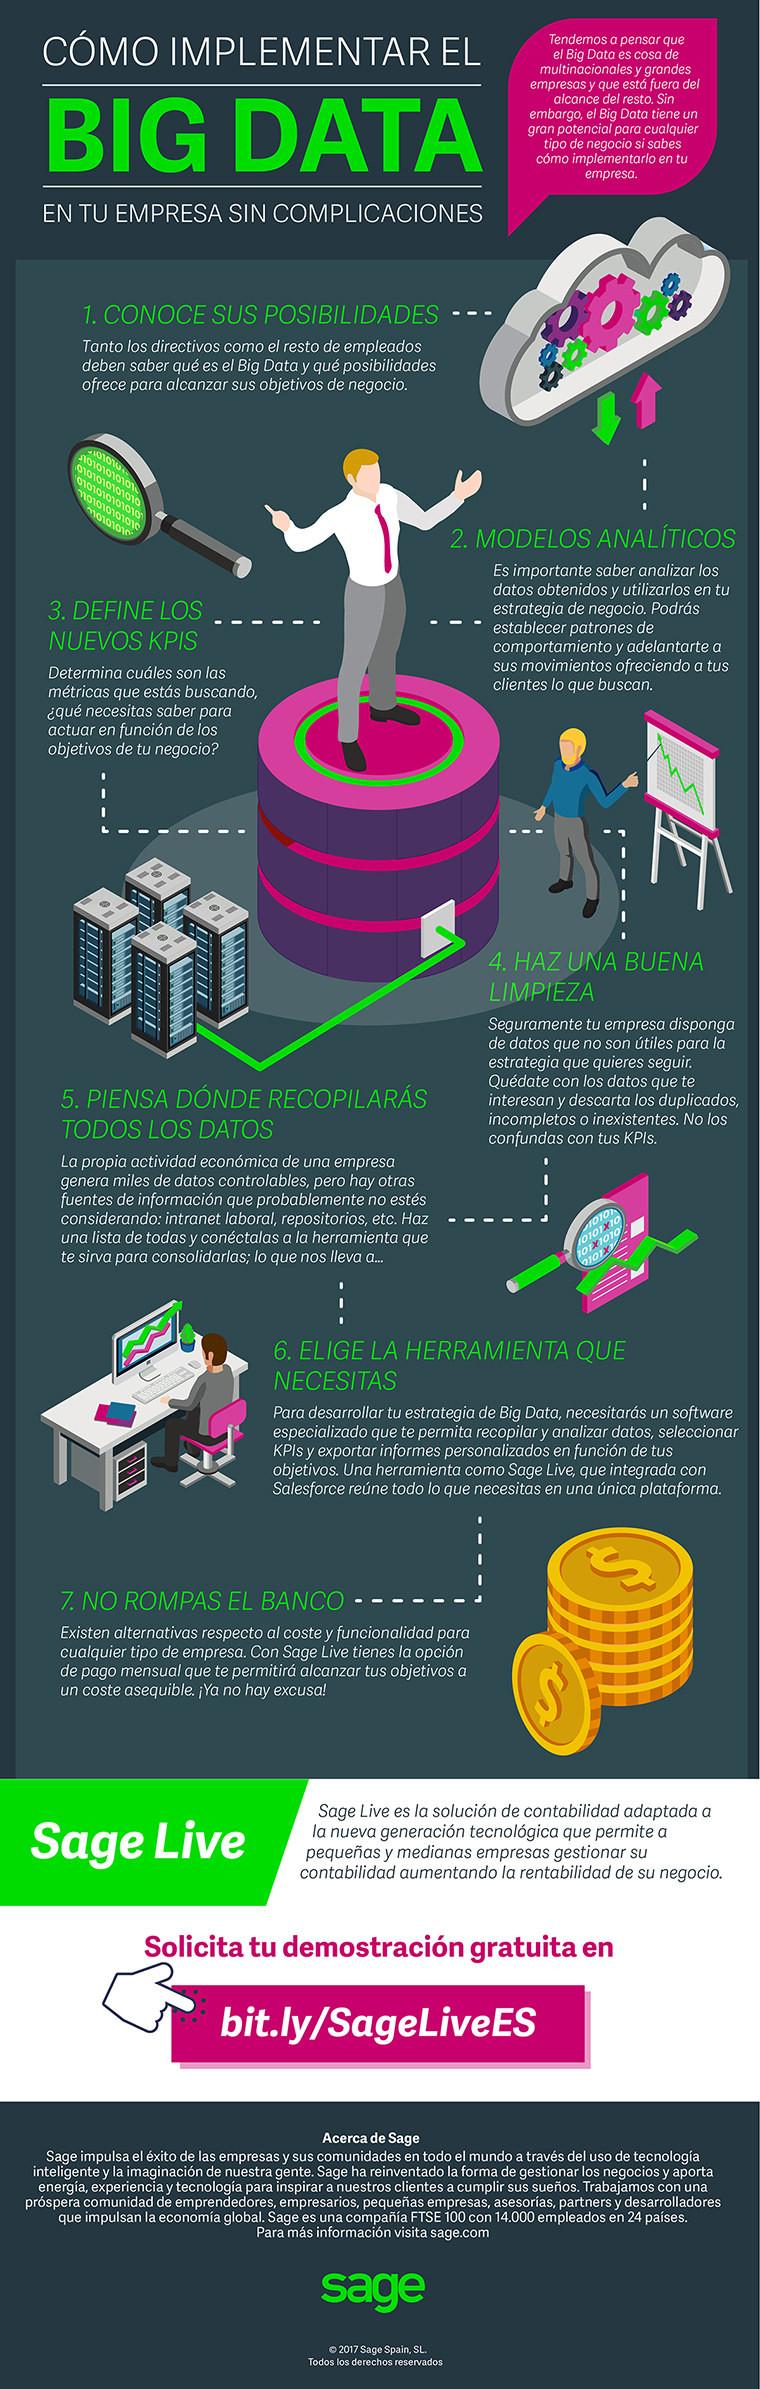 Cómo implementar Big Data en tu empresa